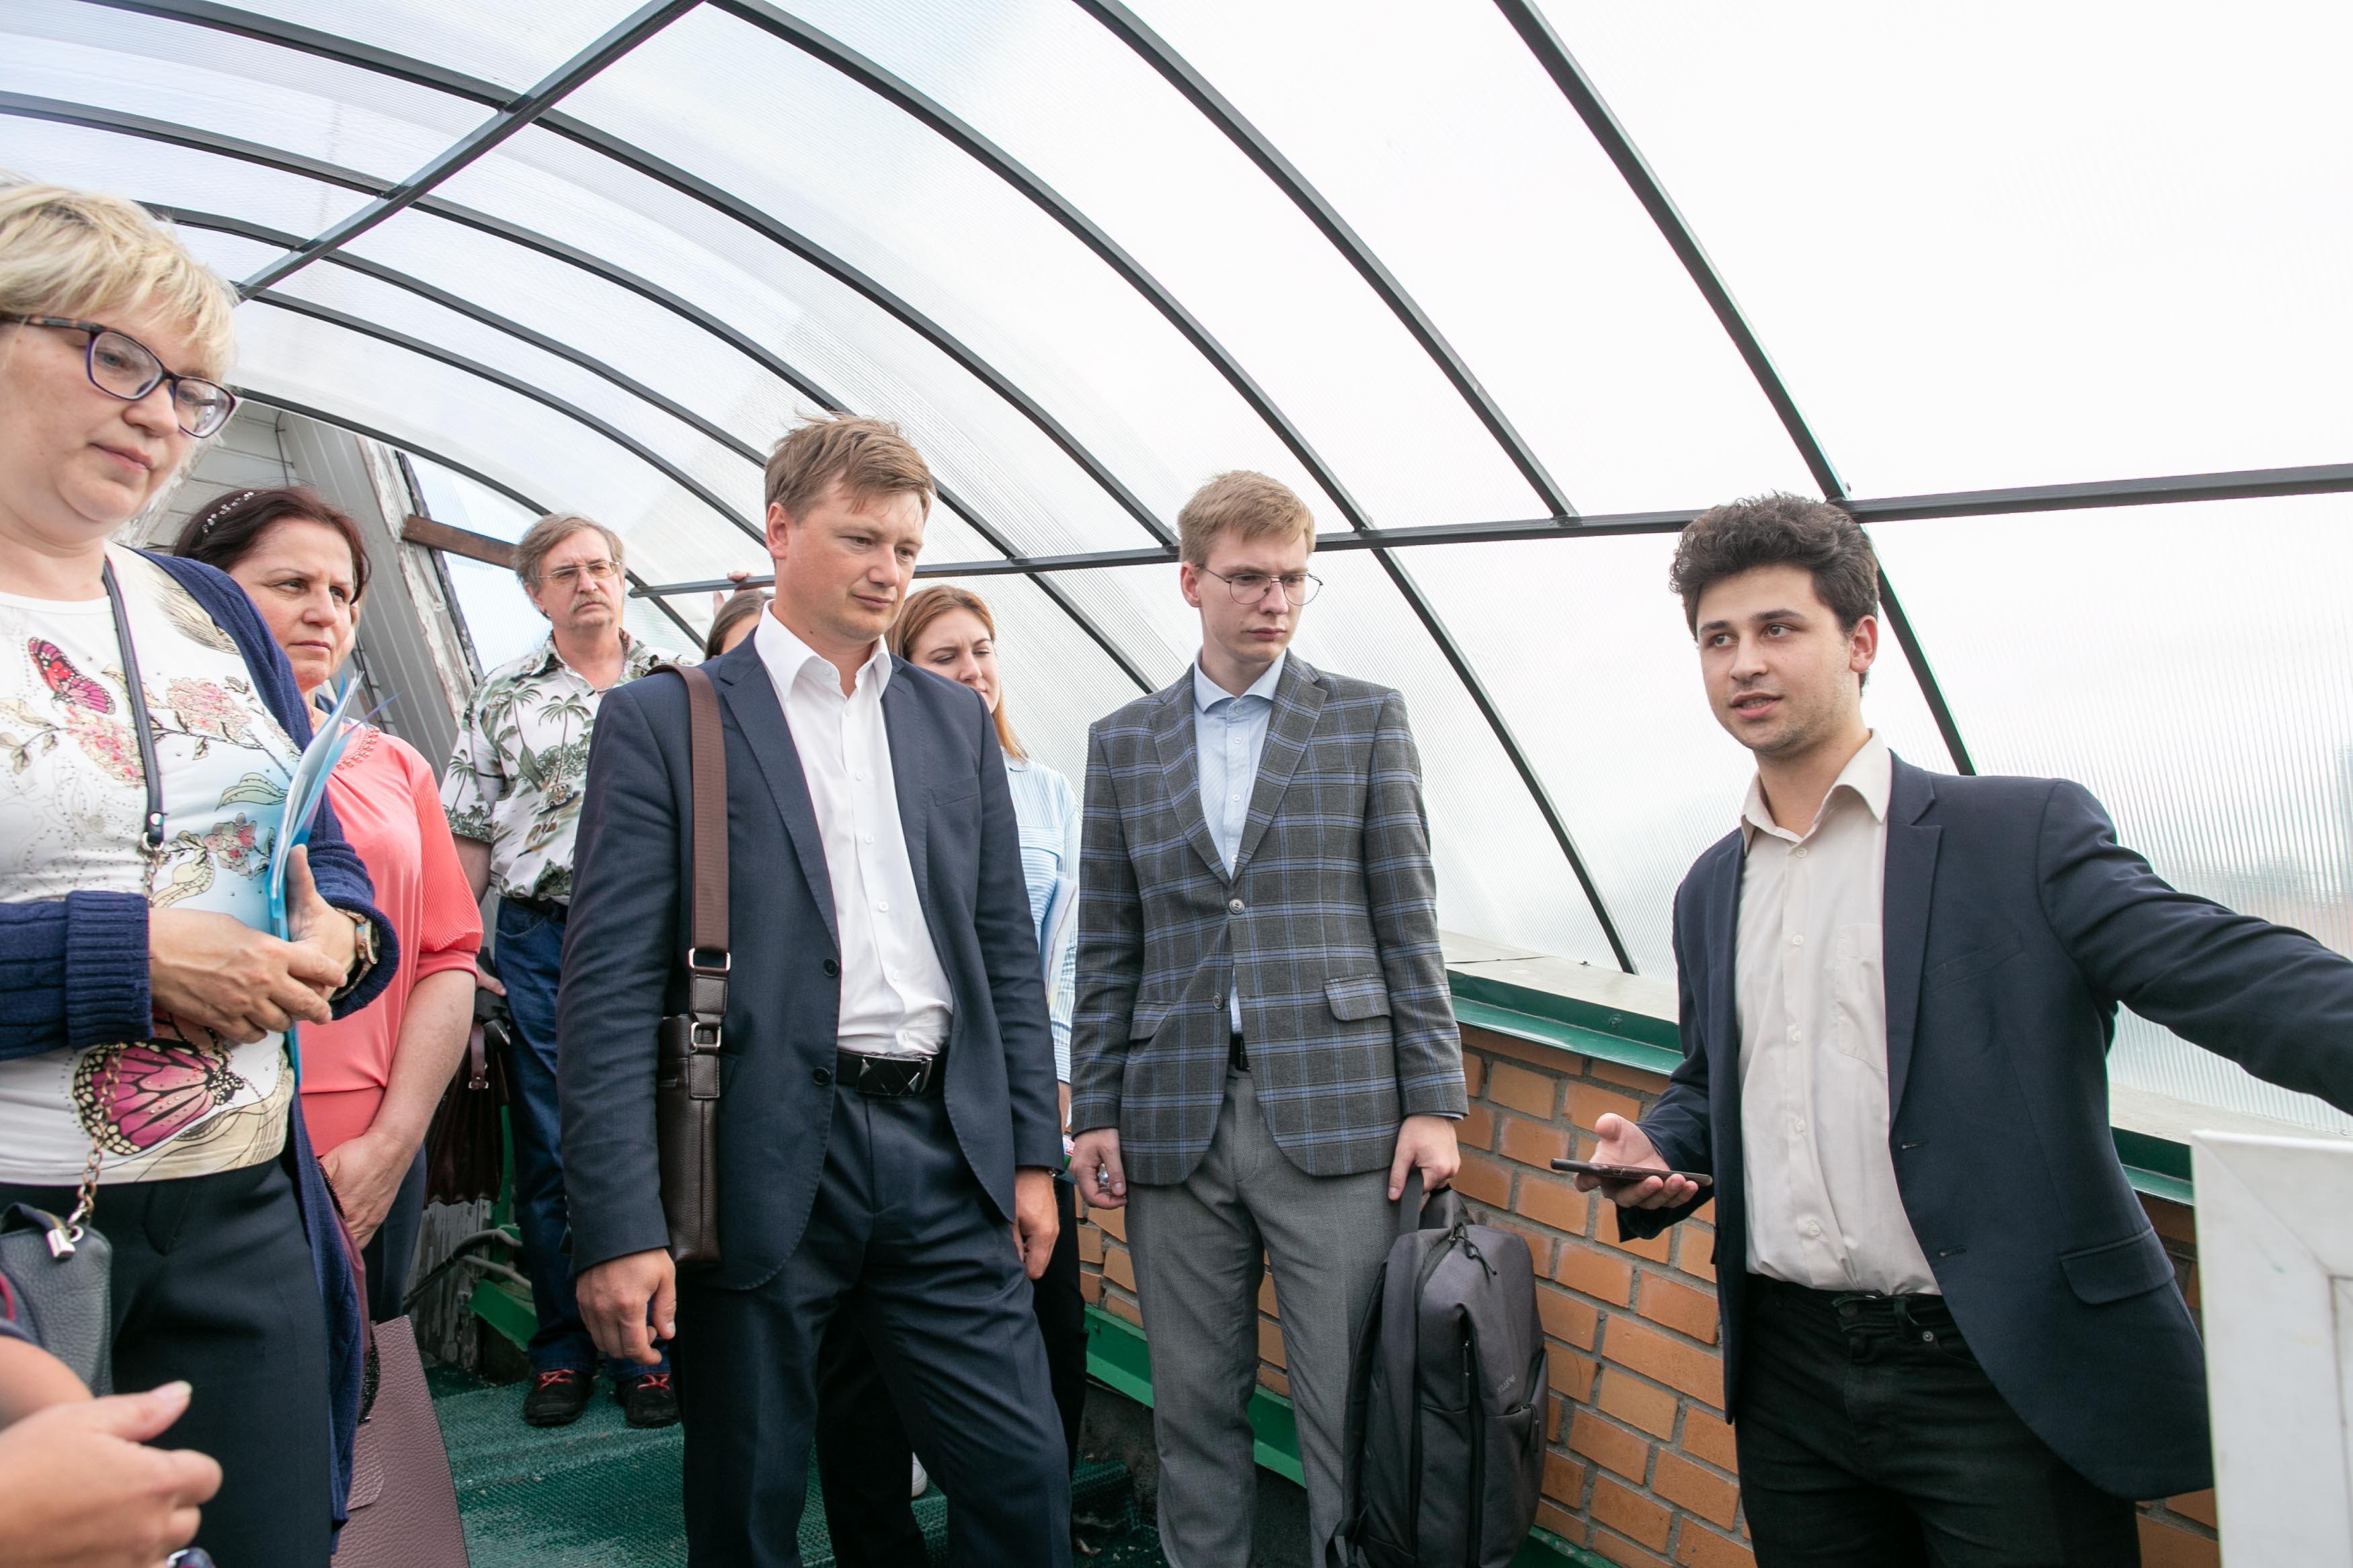 Никита Самойлов знакомит гостей сплатформой интернета вещей на примере удаленной обсерватории